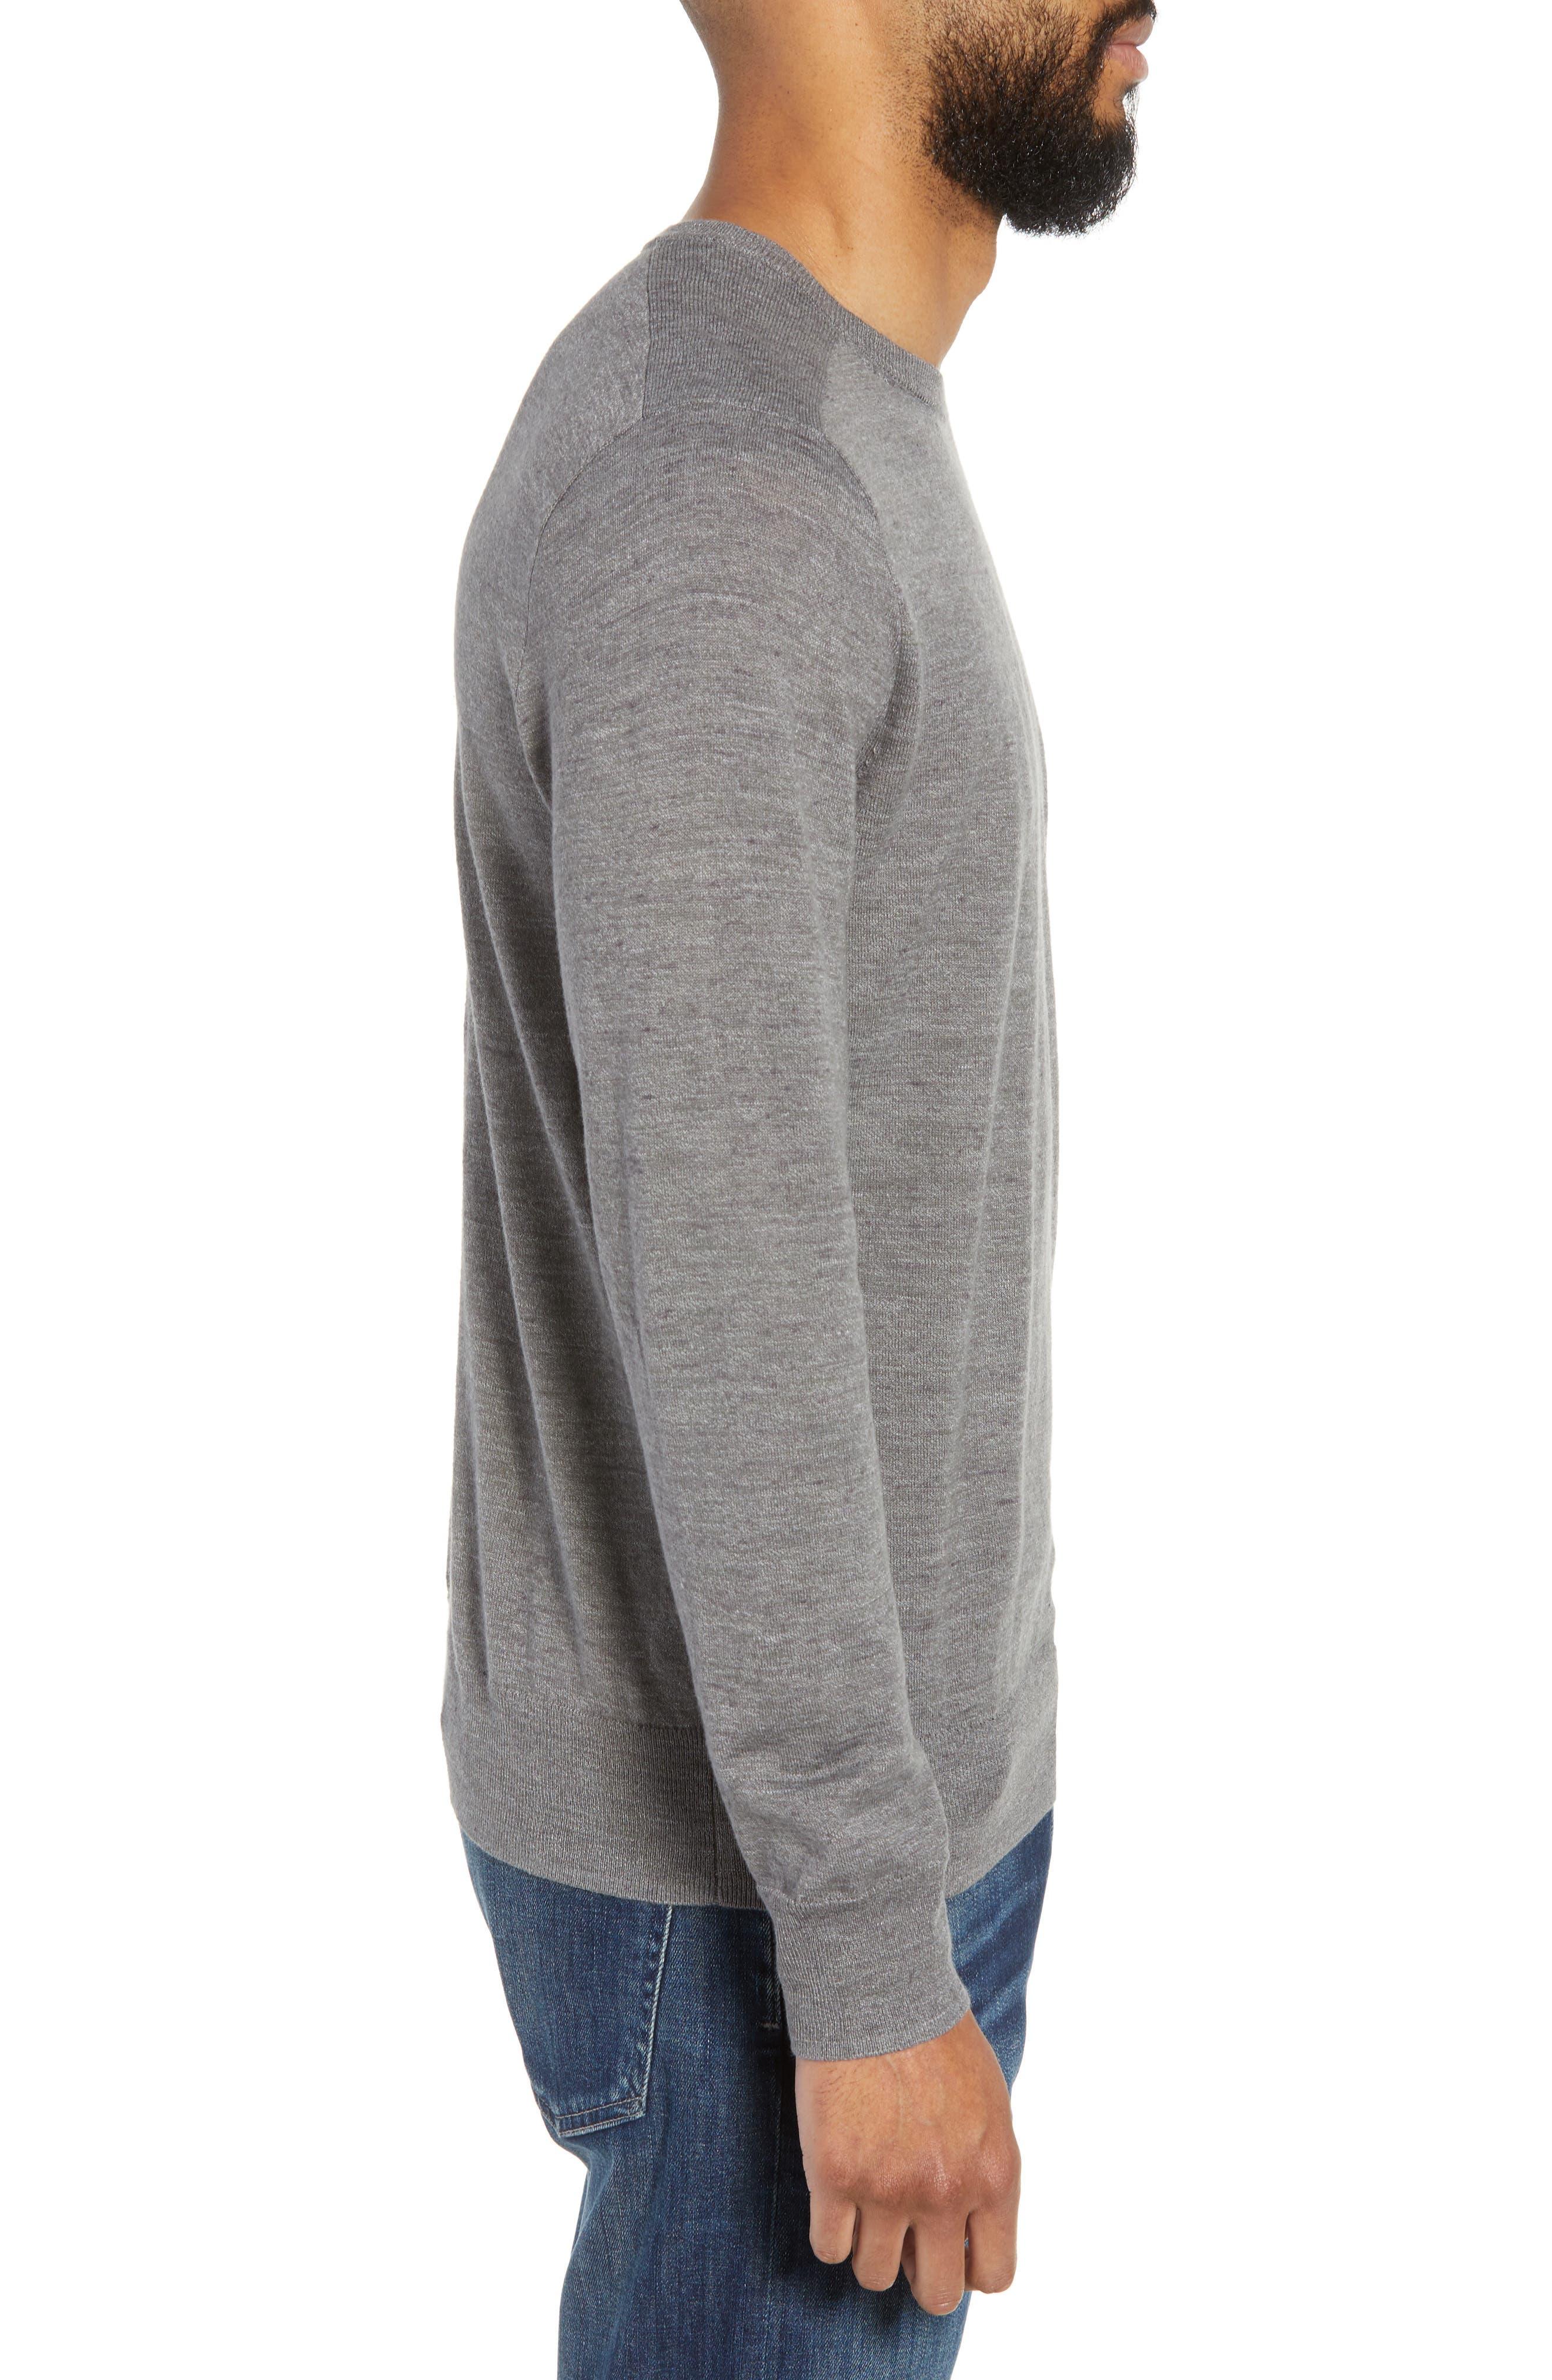 Cotton Blend Crewneck Sweater,                             Alternate thumbnail 9, color,